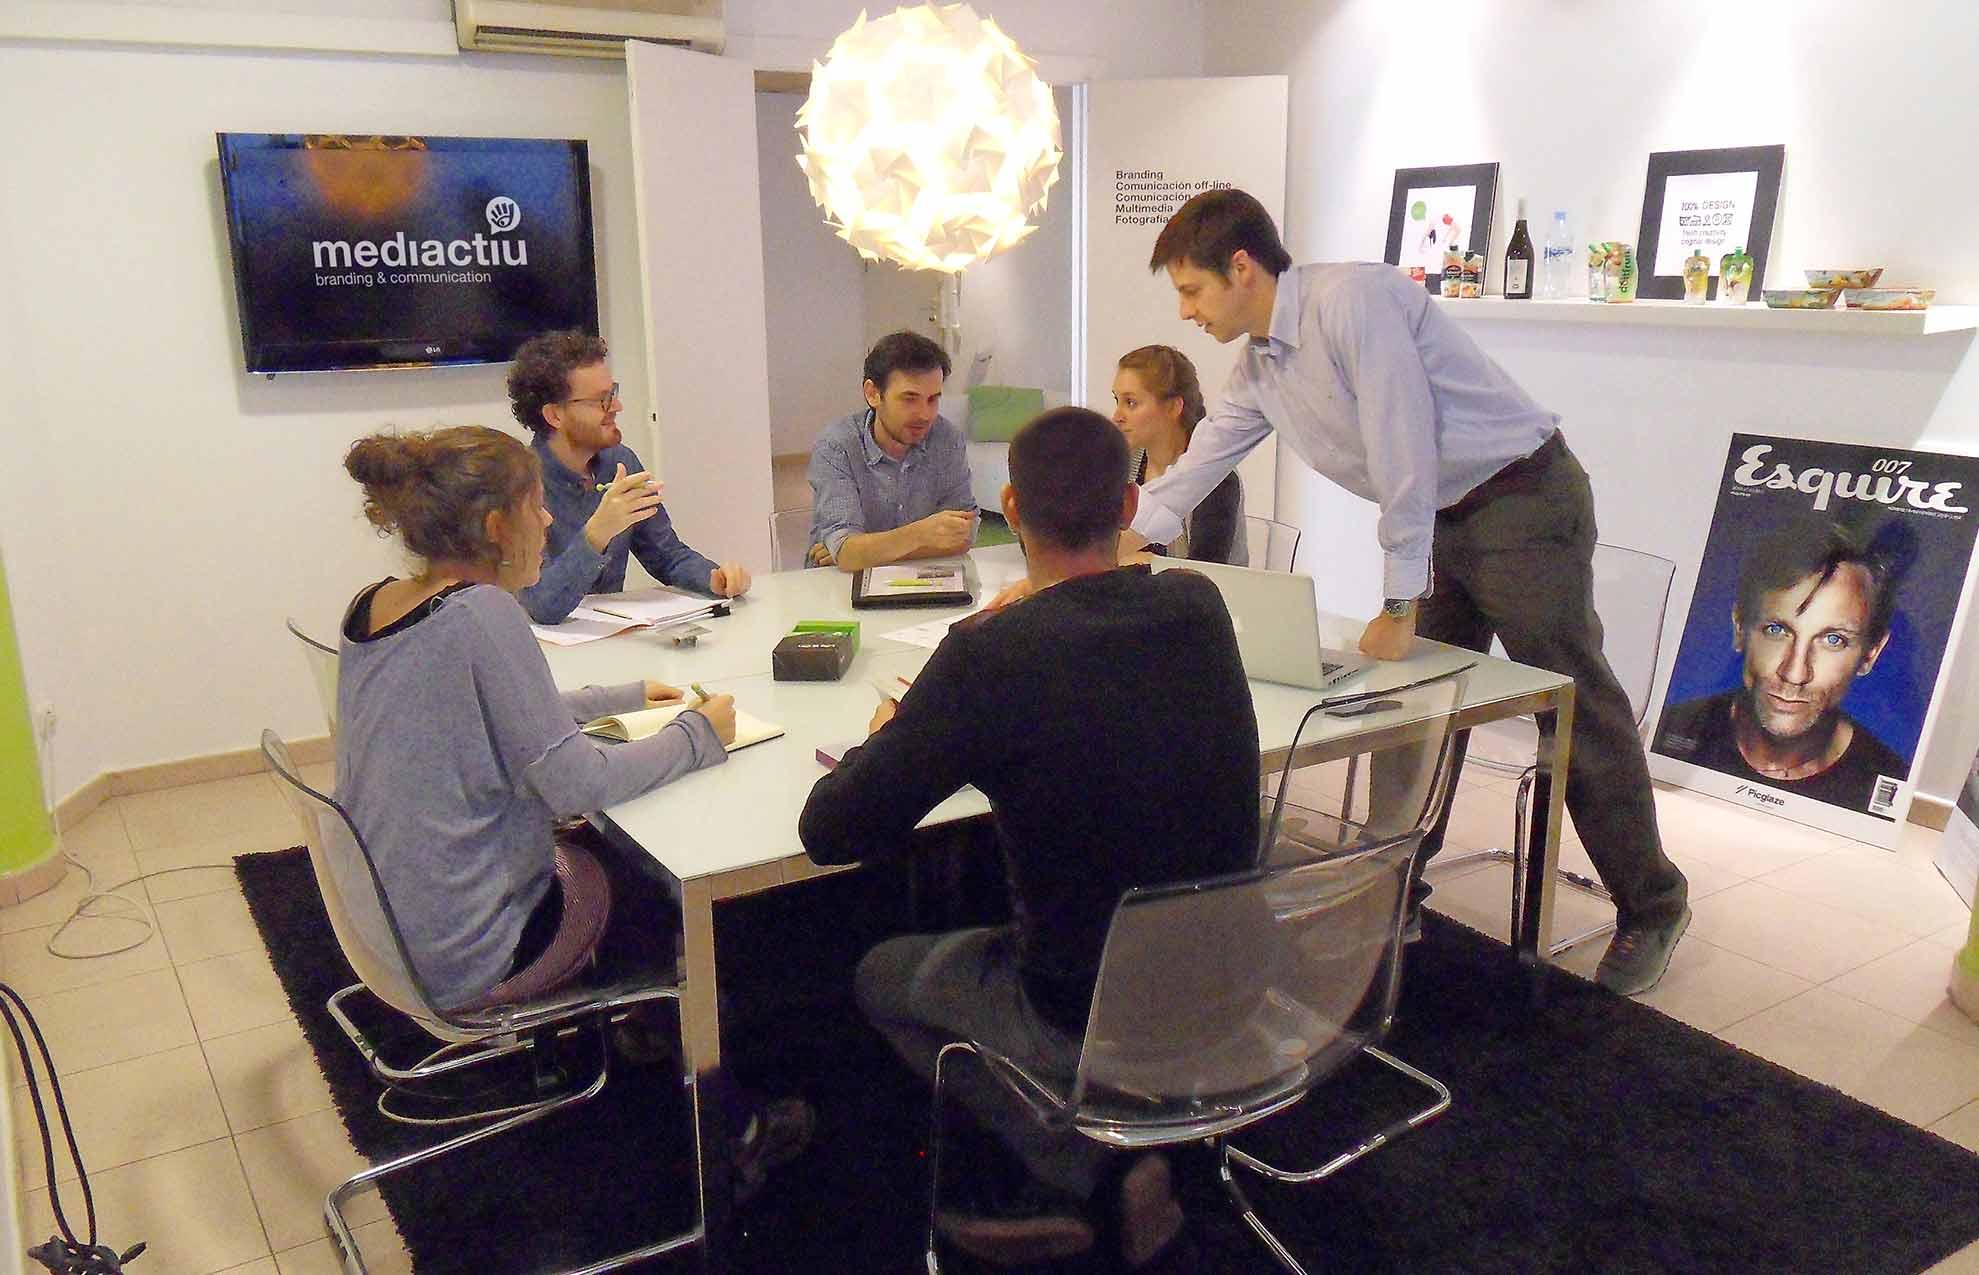 reunion de equipo grafico barcelona - 5 tips que debes saber sobre el diseño gráfico